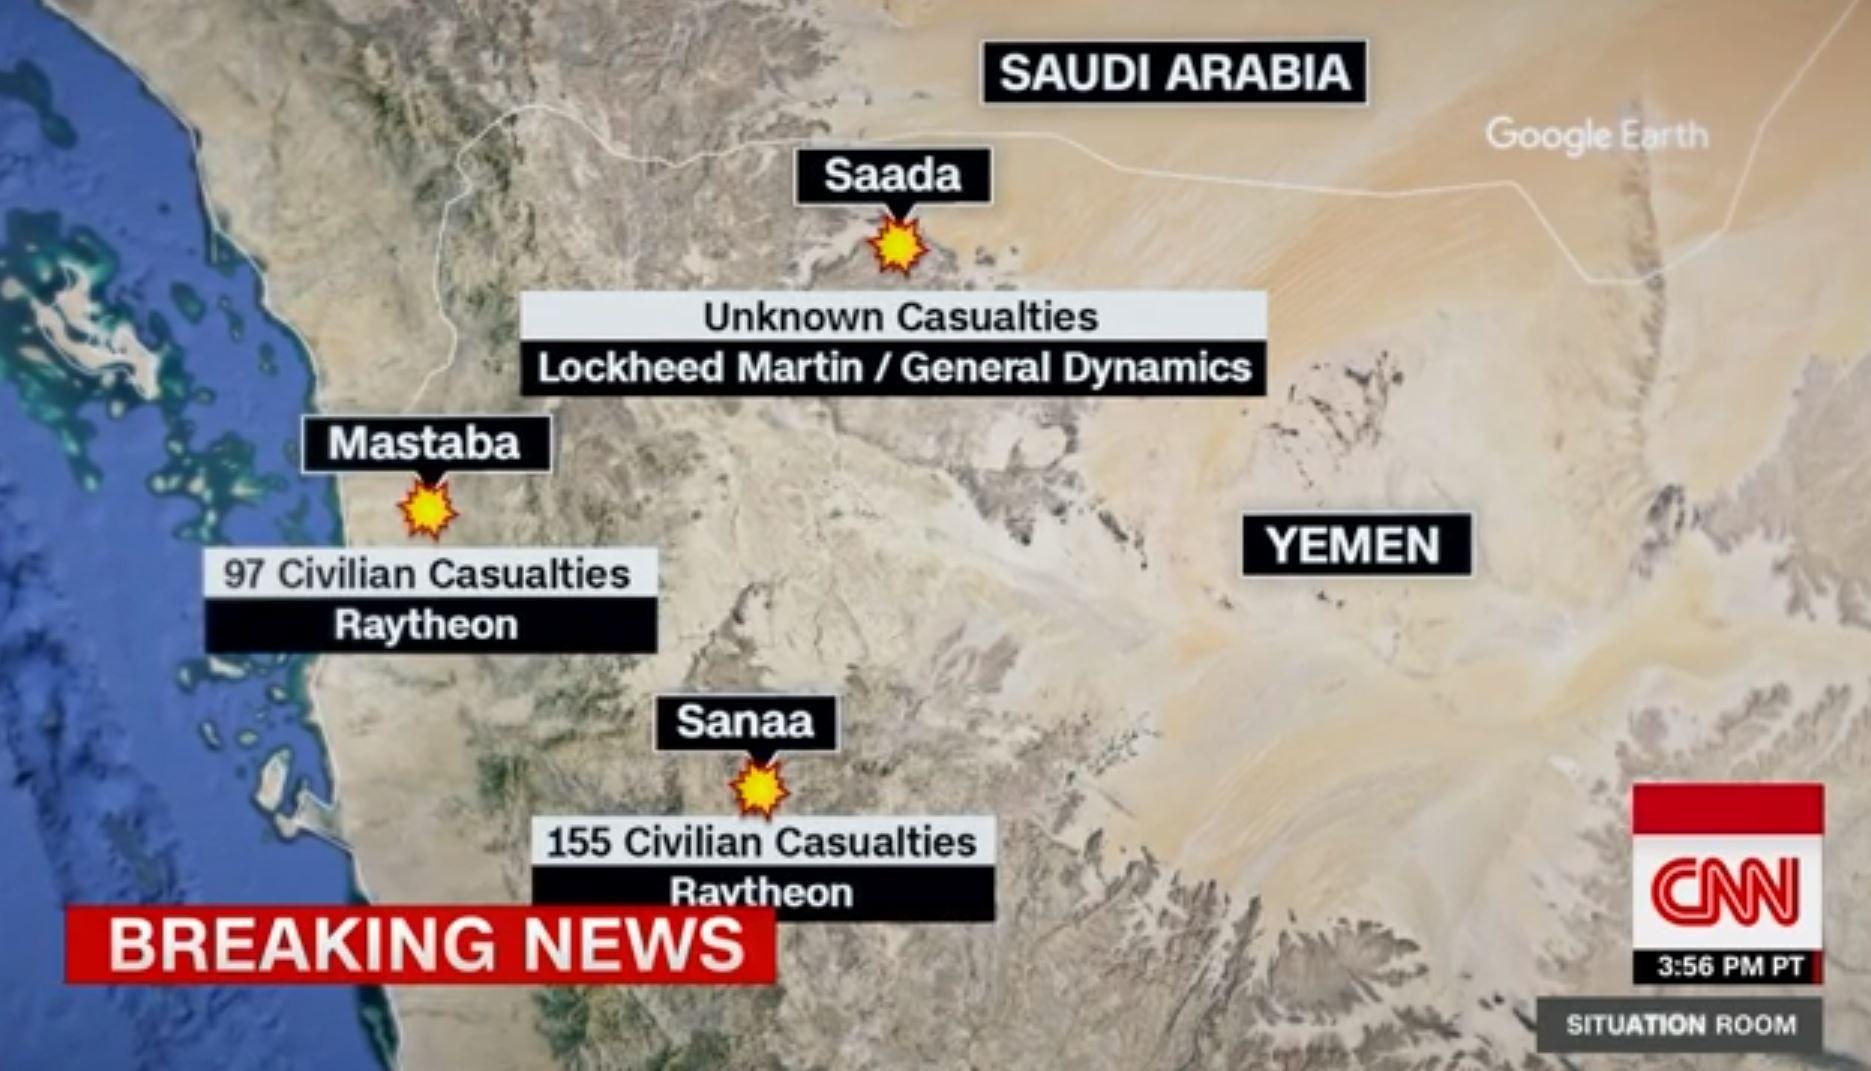 HVEM LAGDE BOMBENE? Den amerikanske TV-kanalen CNN viser frem hvilke bomber som har vært involvert i de største massedrapene på sivile i Jemen de siste årene.